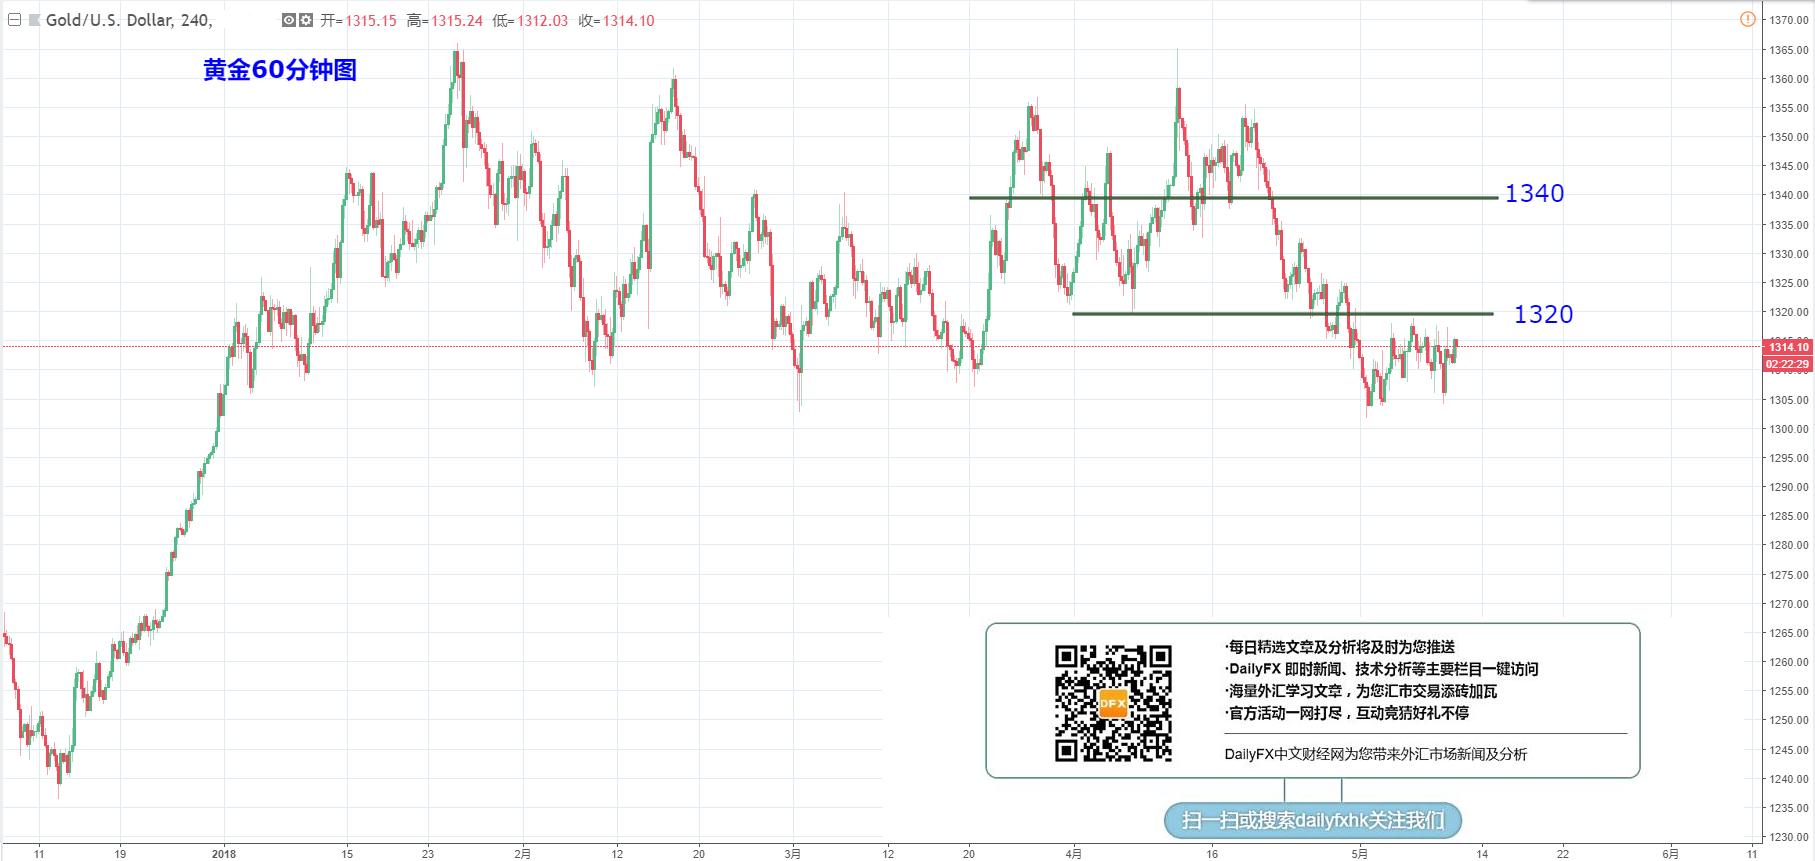 黄金/美元:继续关注1320压力